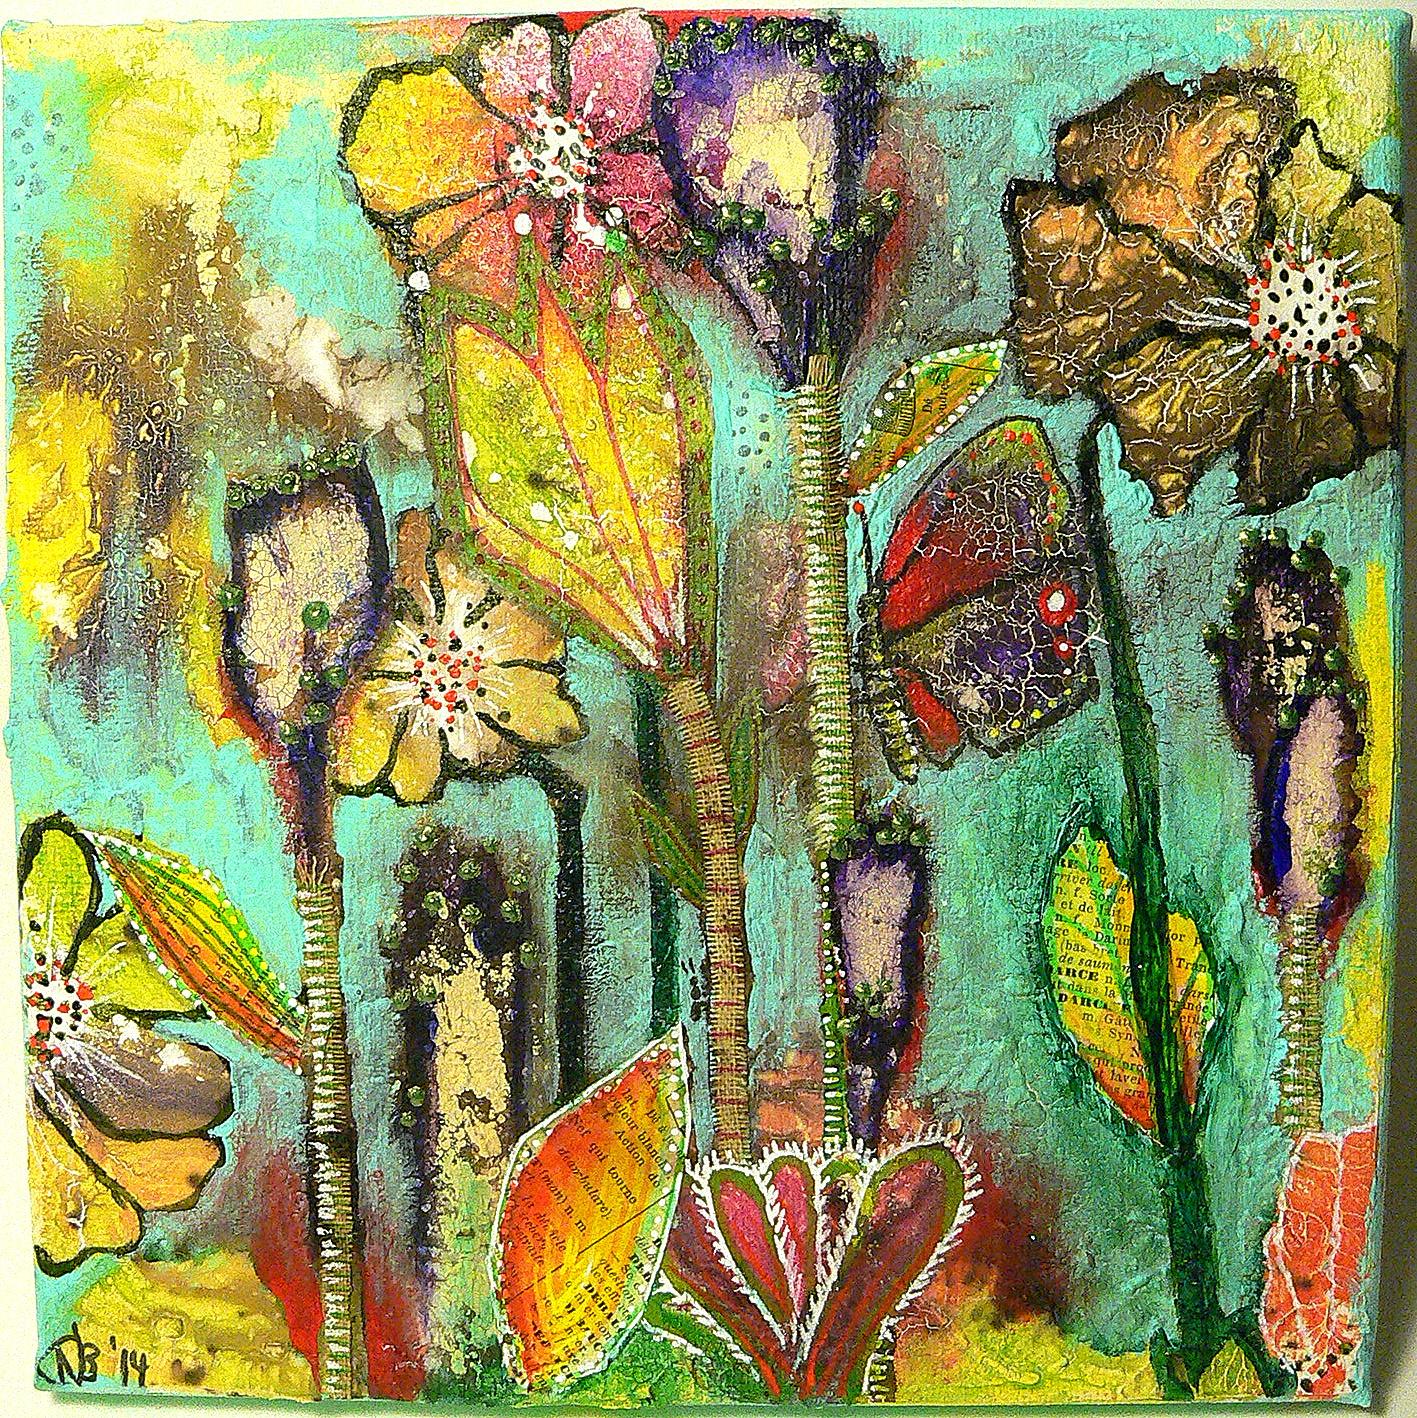 http://www.decoart.com/mixedmediablog/project/216/flowery_meadow_canvas